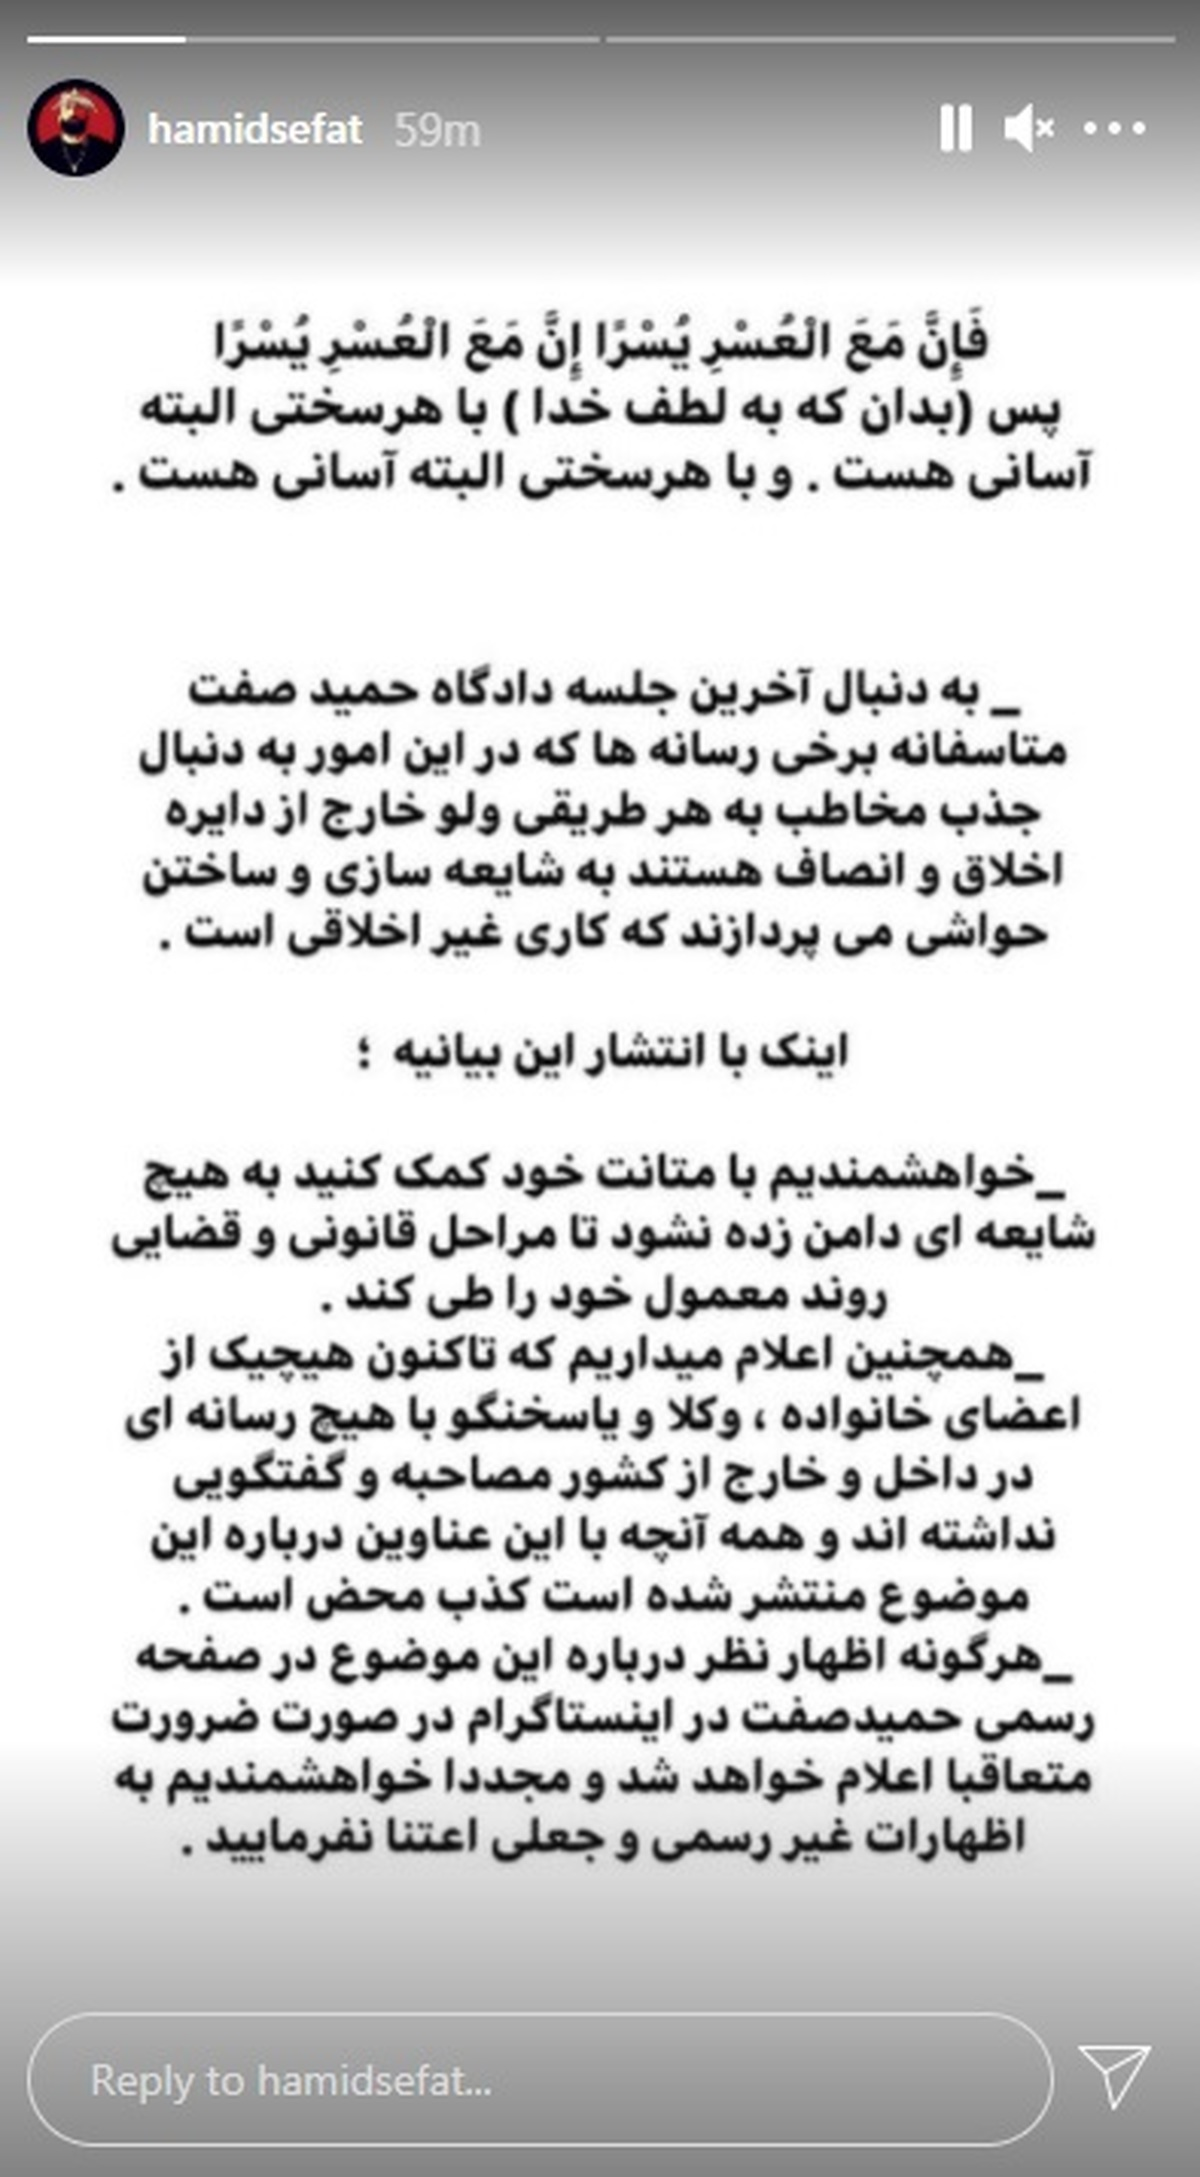 واکنش صفحه اینستاگرام حمید صفت درباره حکم اعدام| حکم اعدام حمید صفت اجرا می شود؟